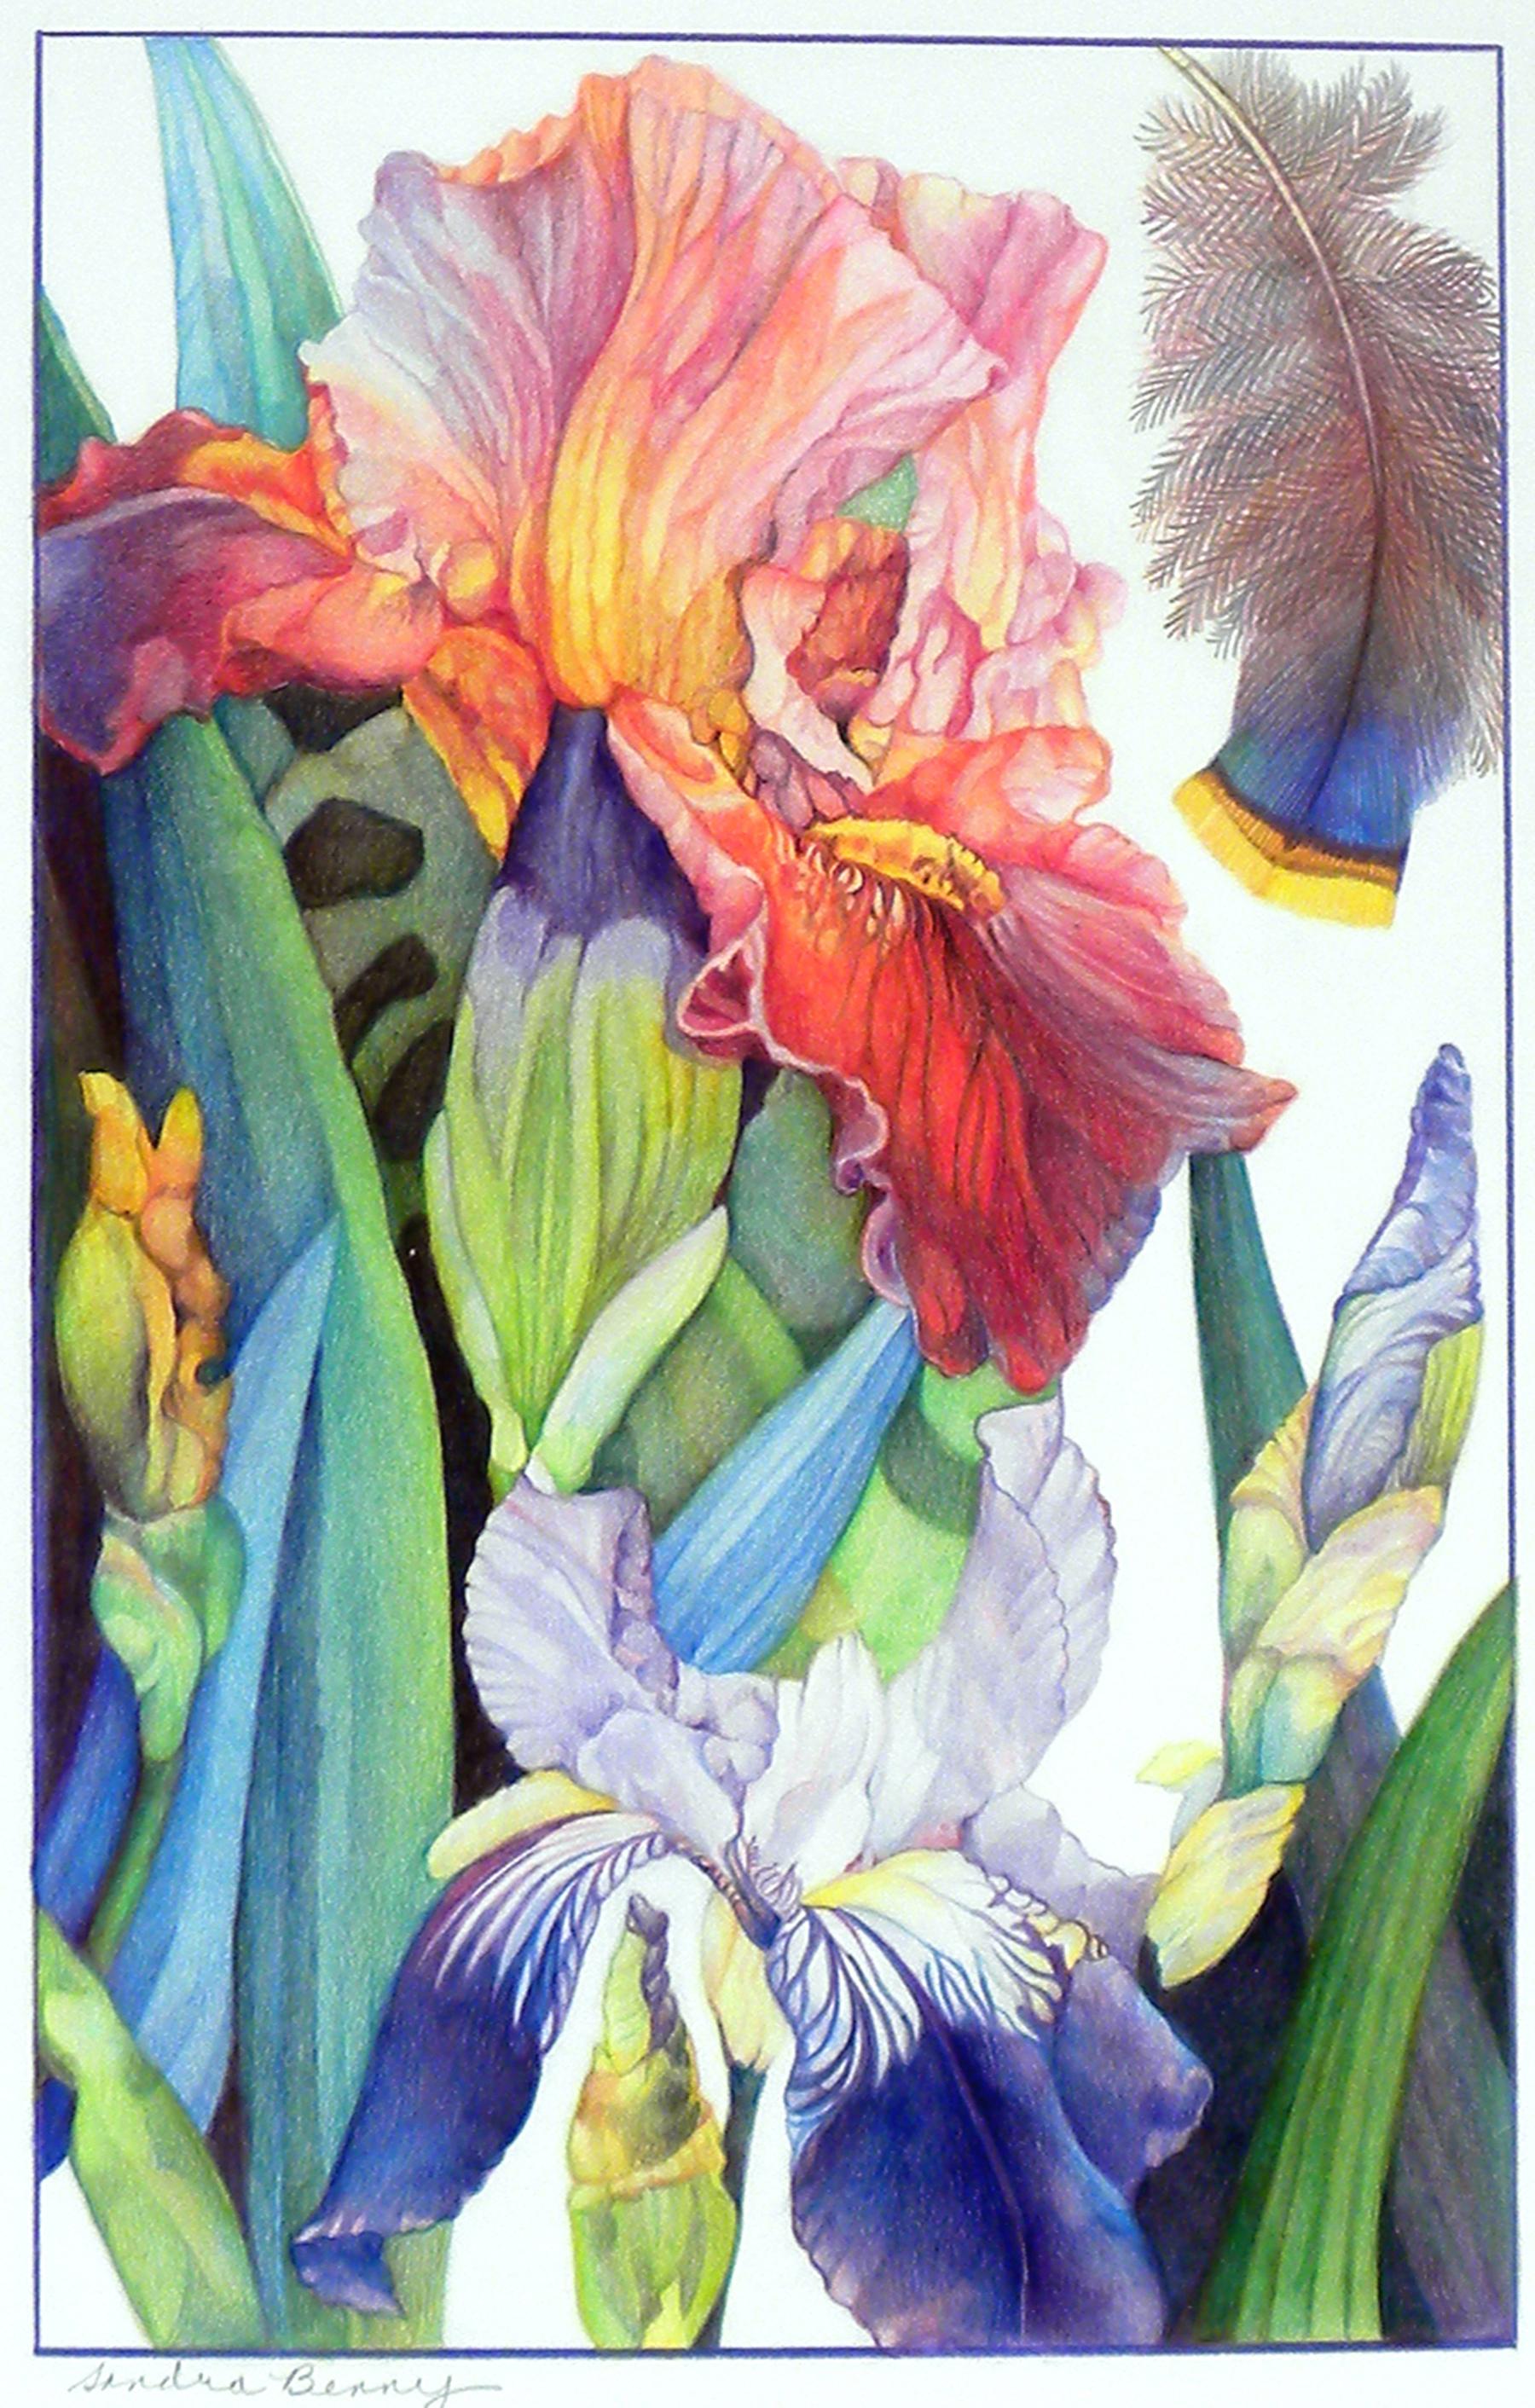 Red-Orange Iris 17 x 11 in. color pencil .jpg